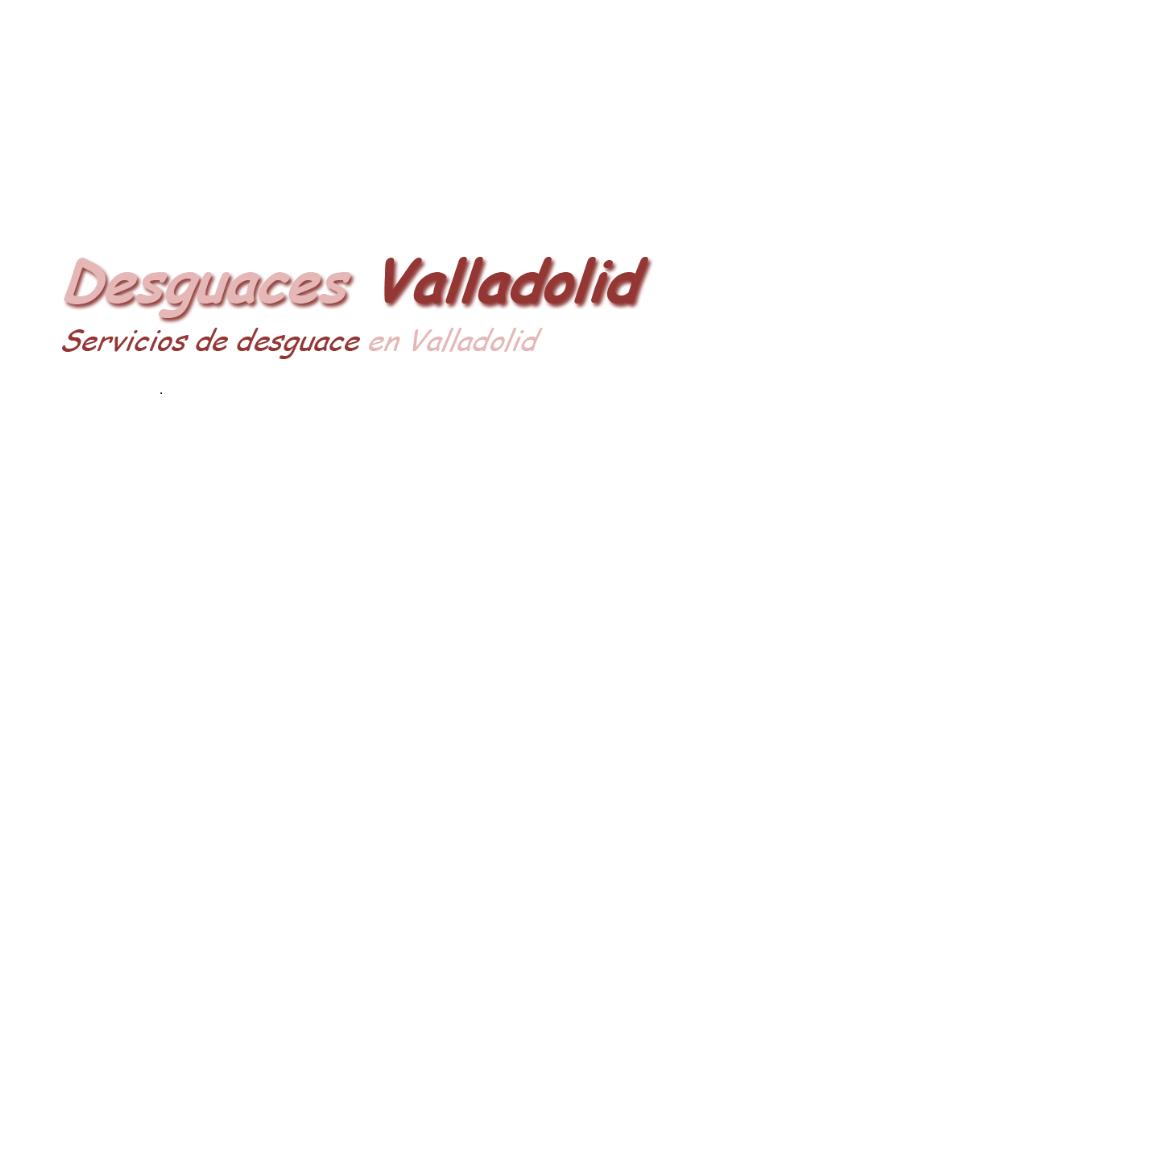 Desguaces Valladolid